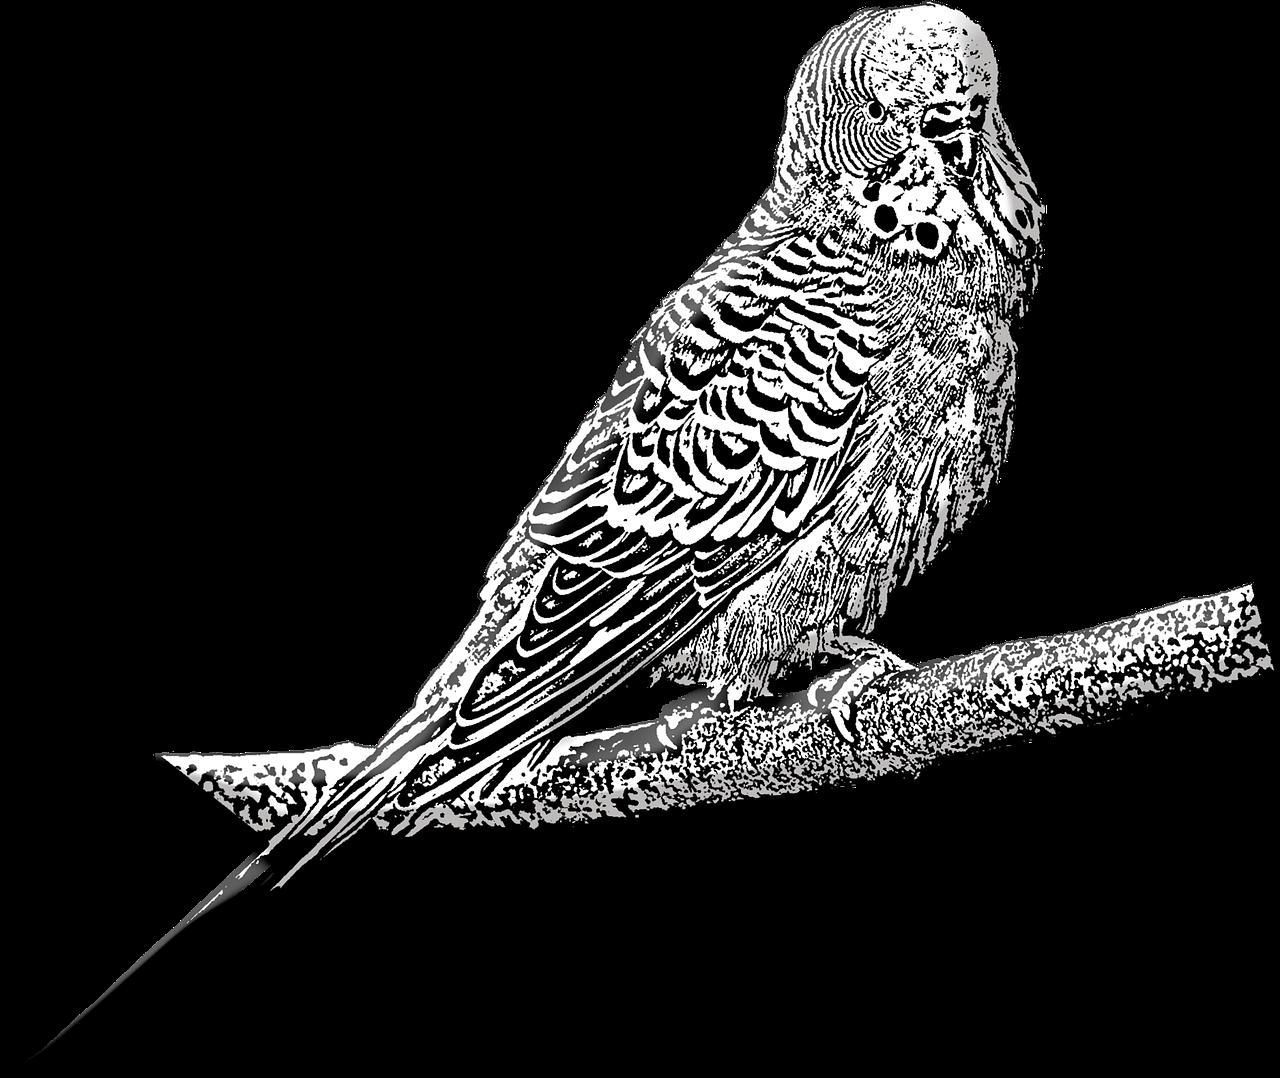 Budgie Pet Bird Free Image On Pixabay